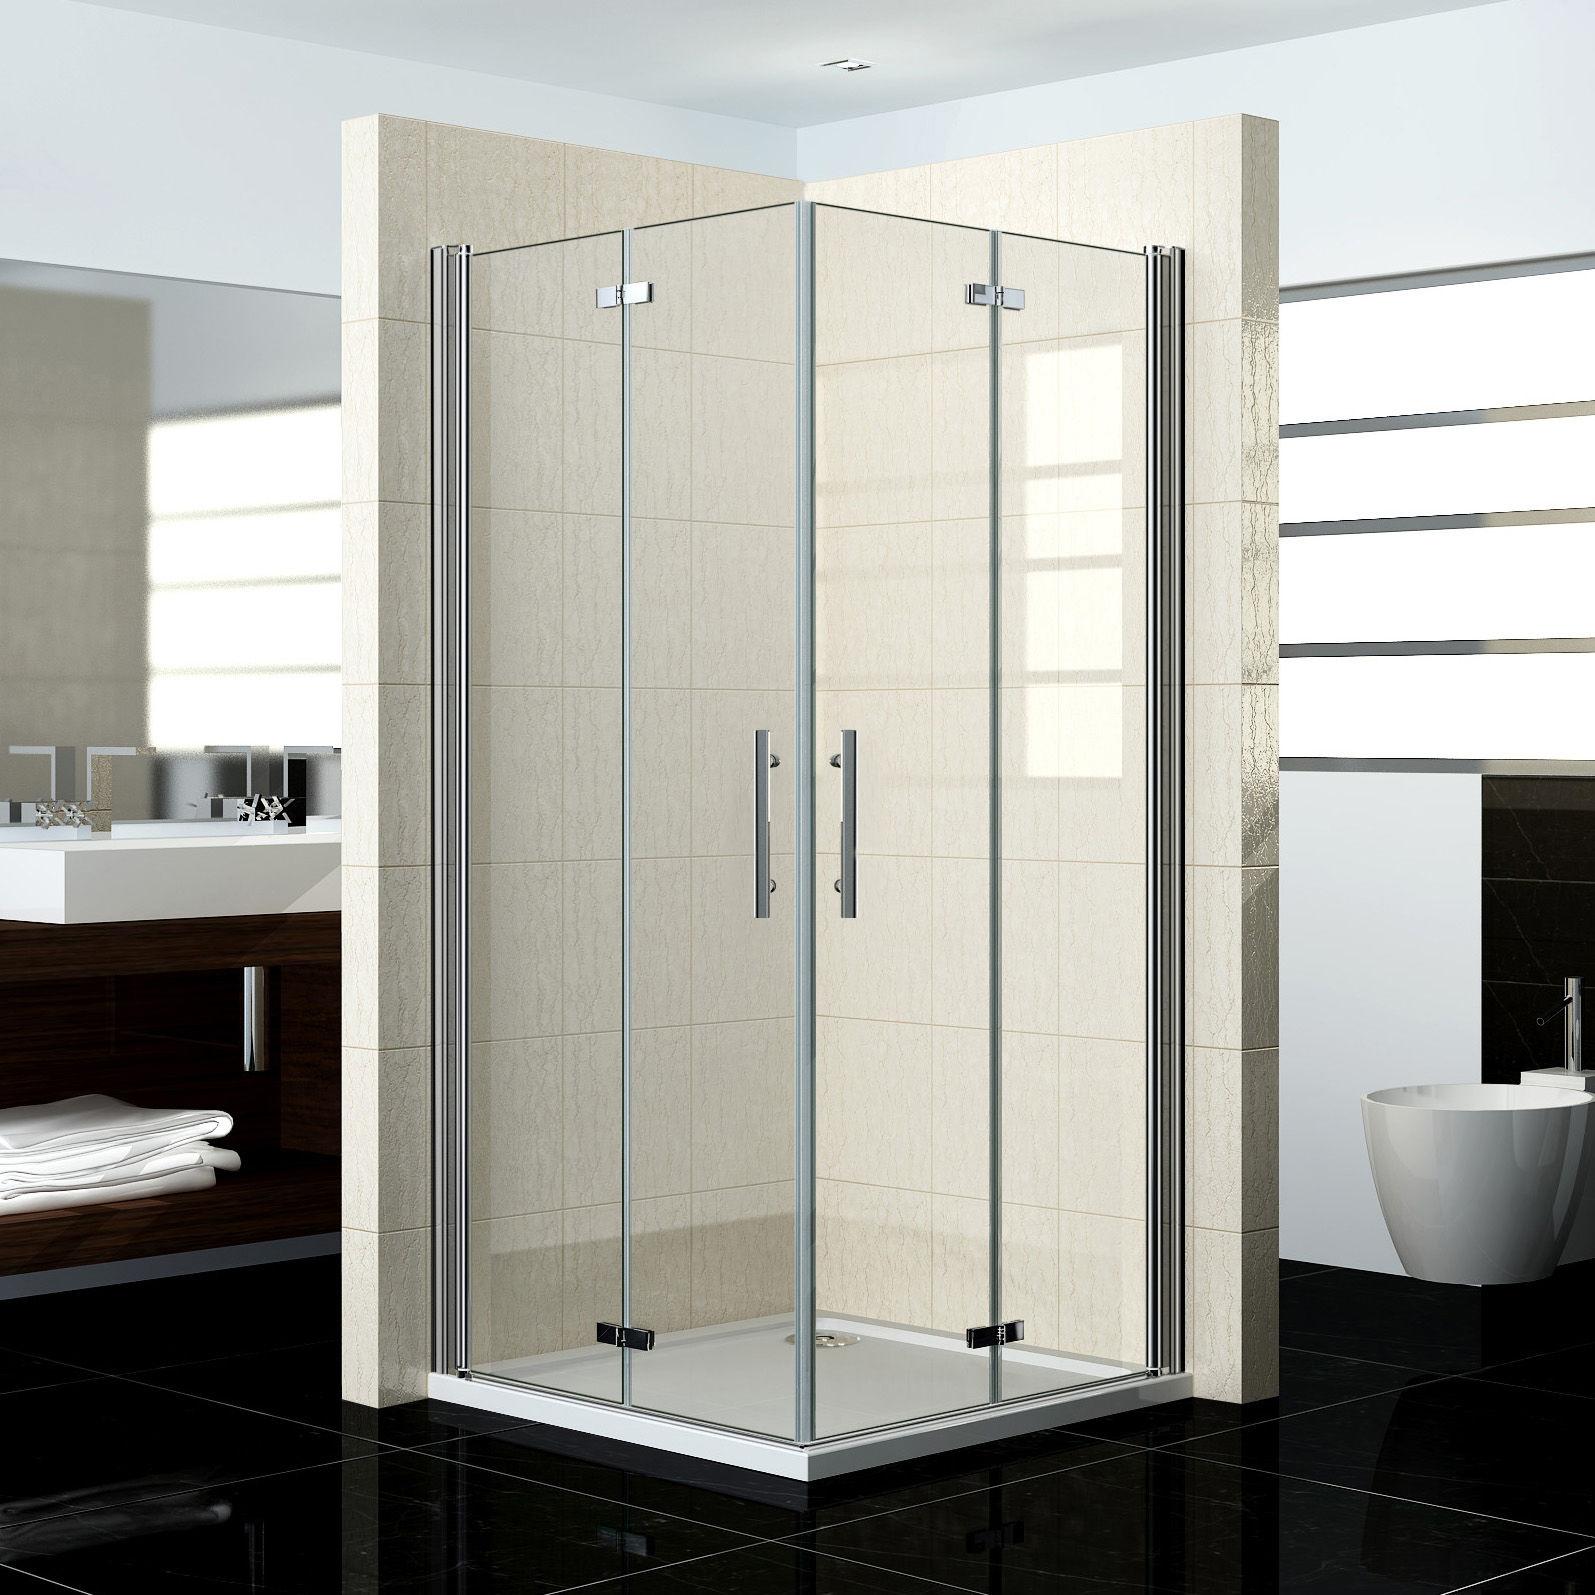 Duschkabine 100x100 120x100 120x120 Eckeinstieg Duschabtrennung Echtglas Dusche